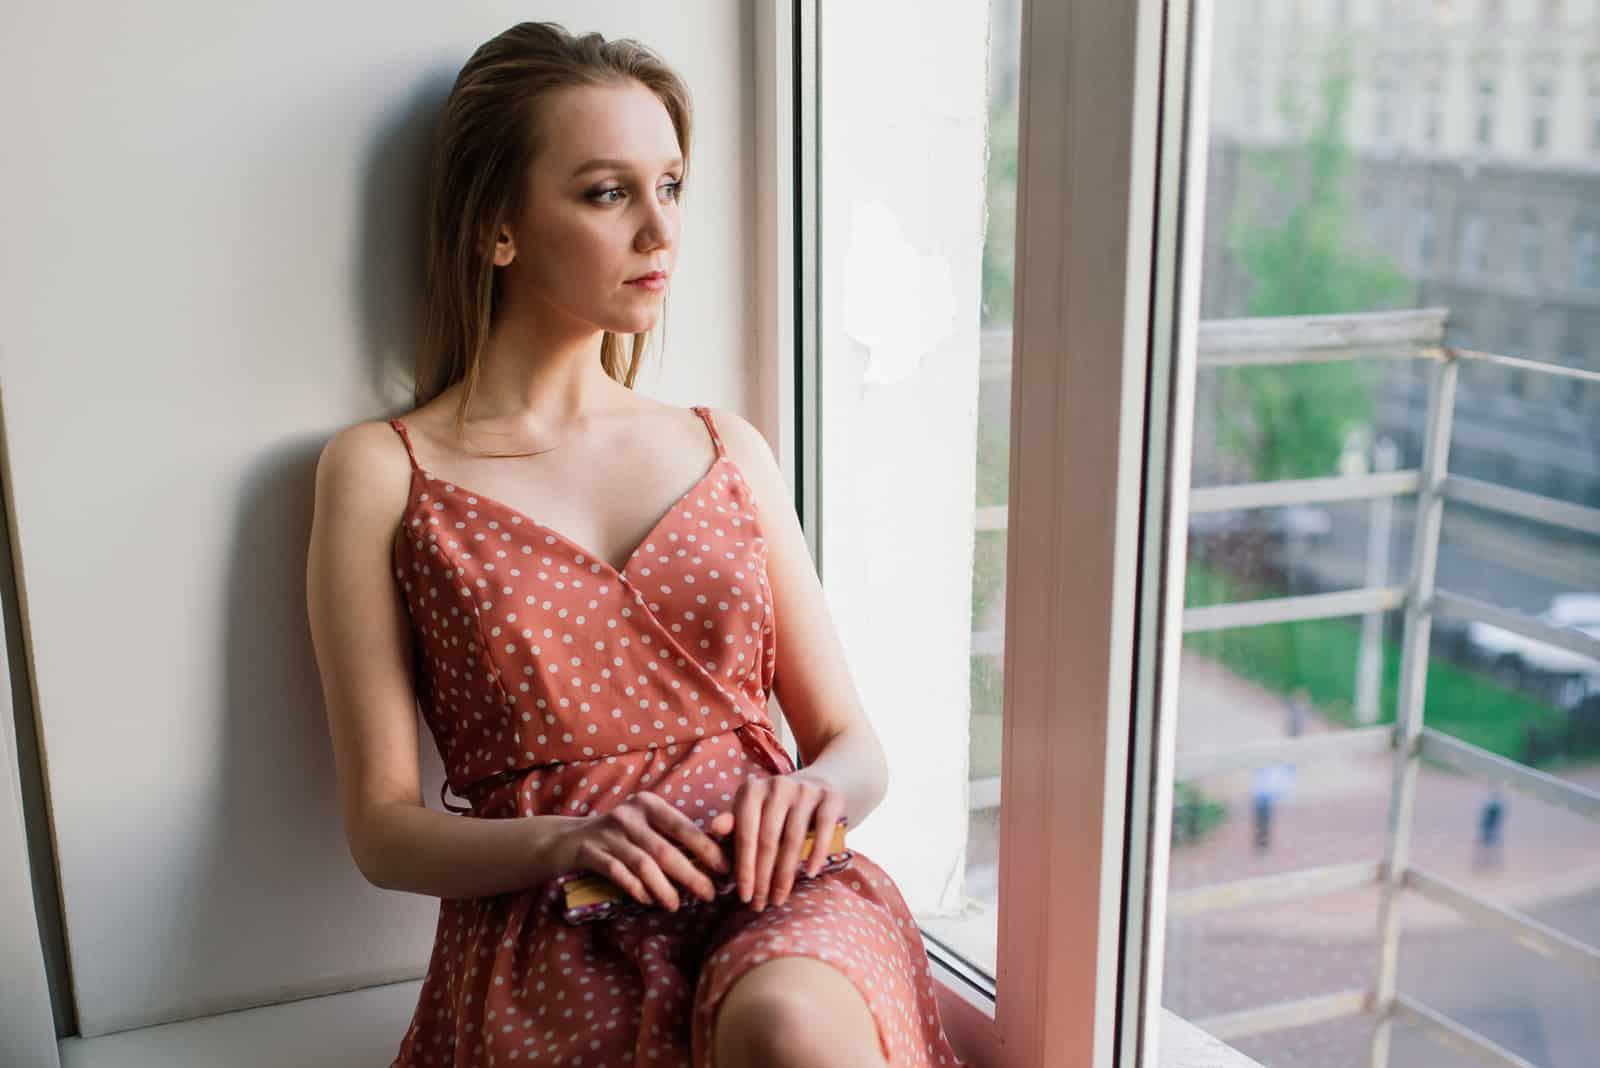 Eine schöne Blondine in einem Kleid sitzt am Fenster und schaut nach draußen